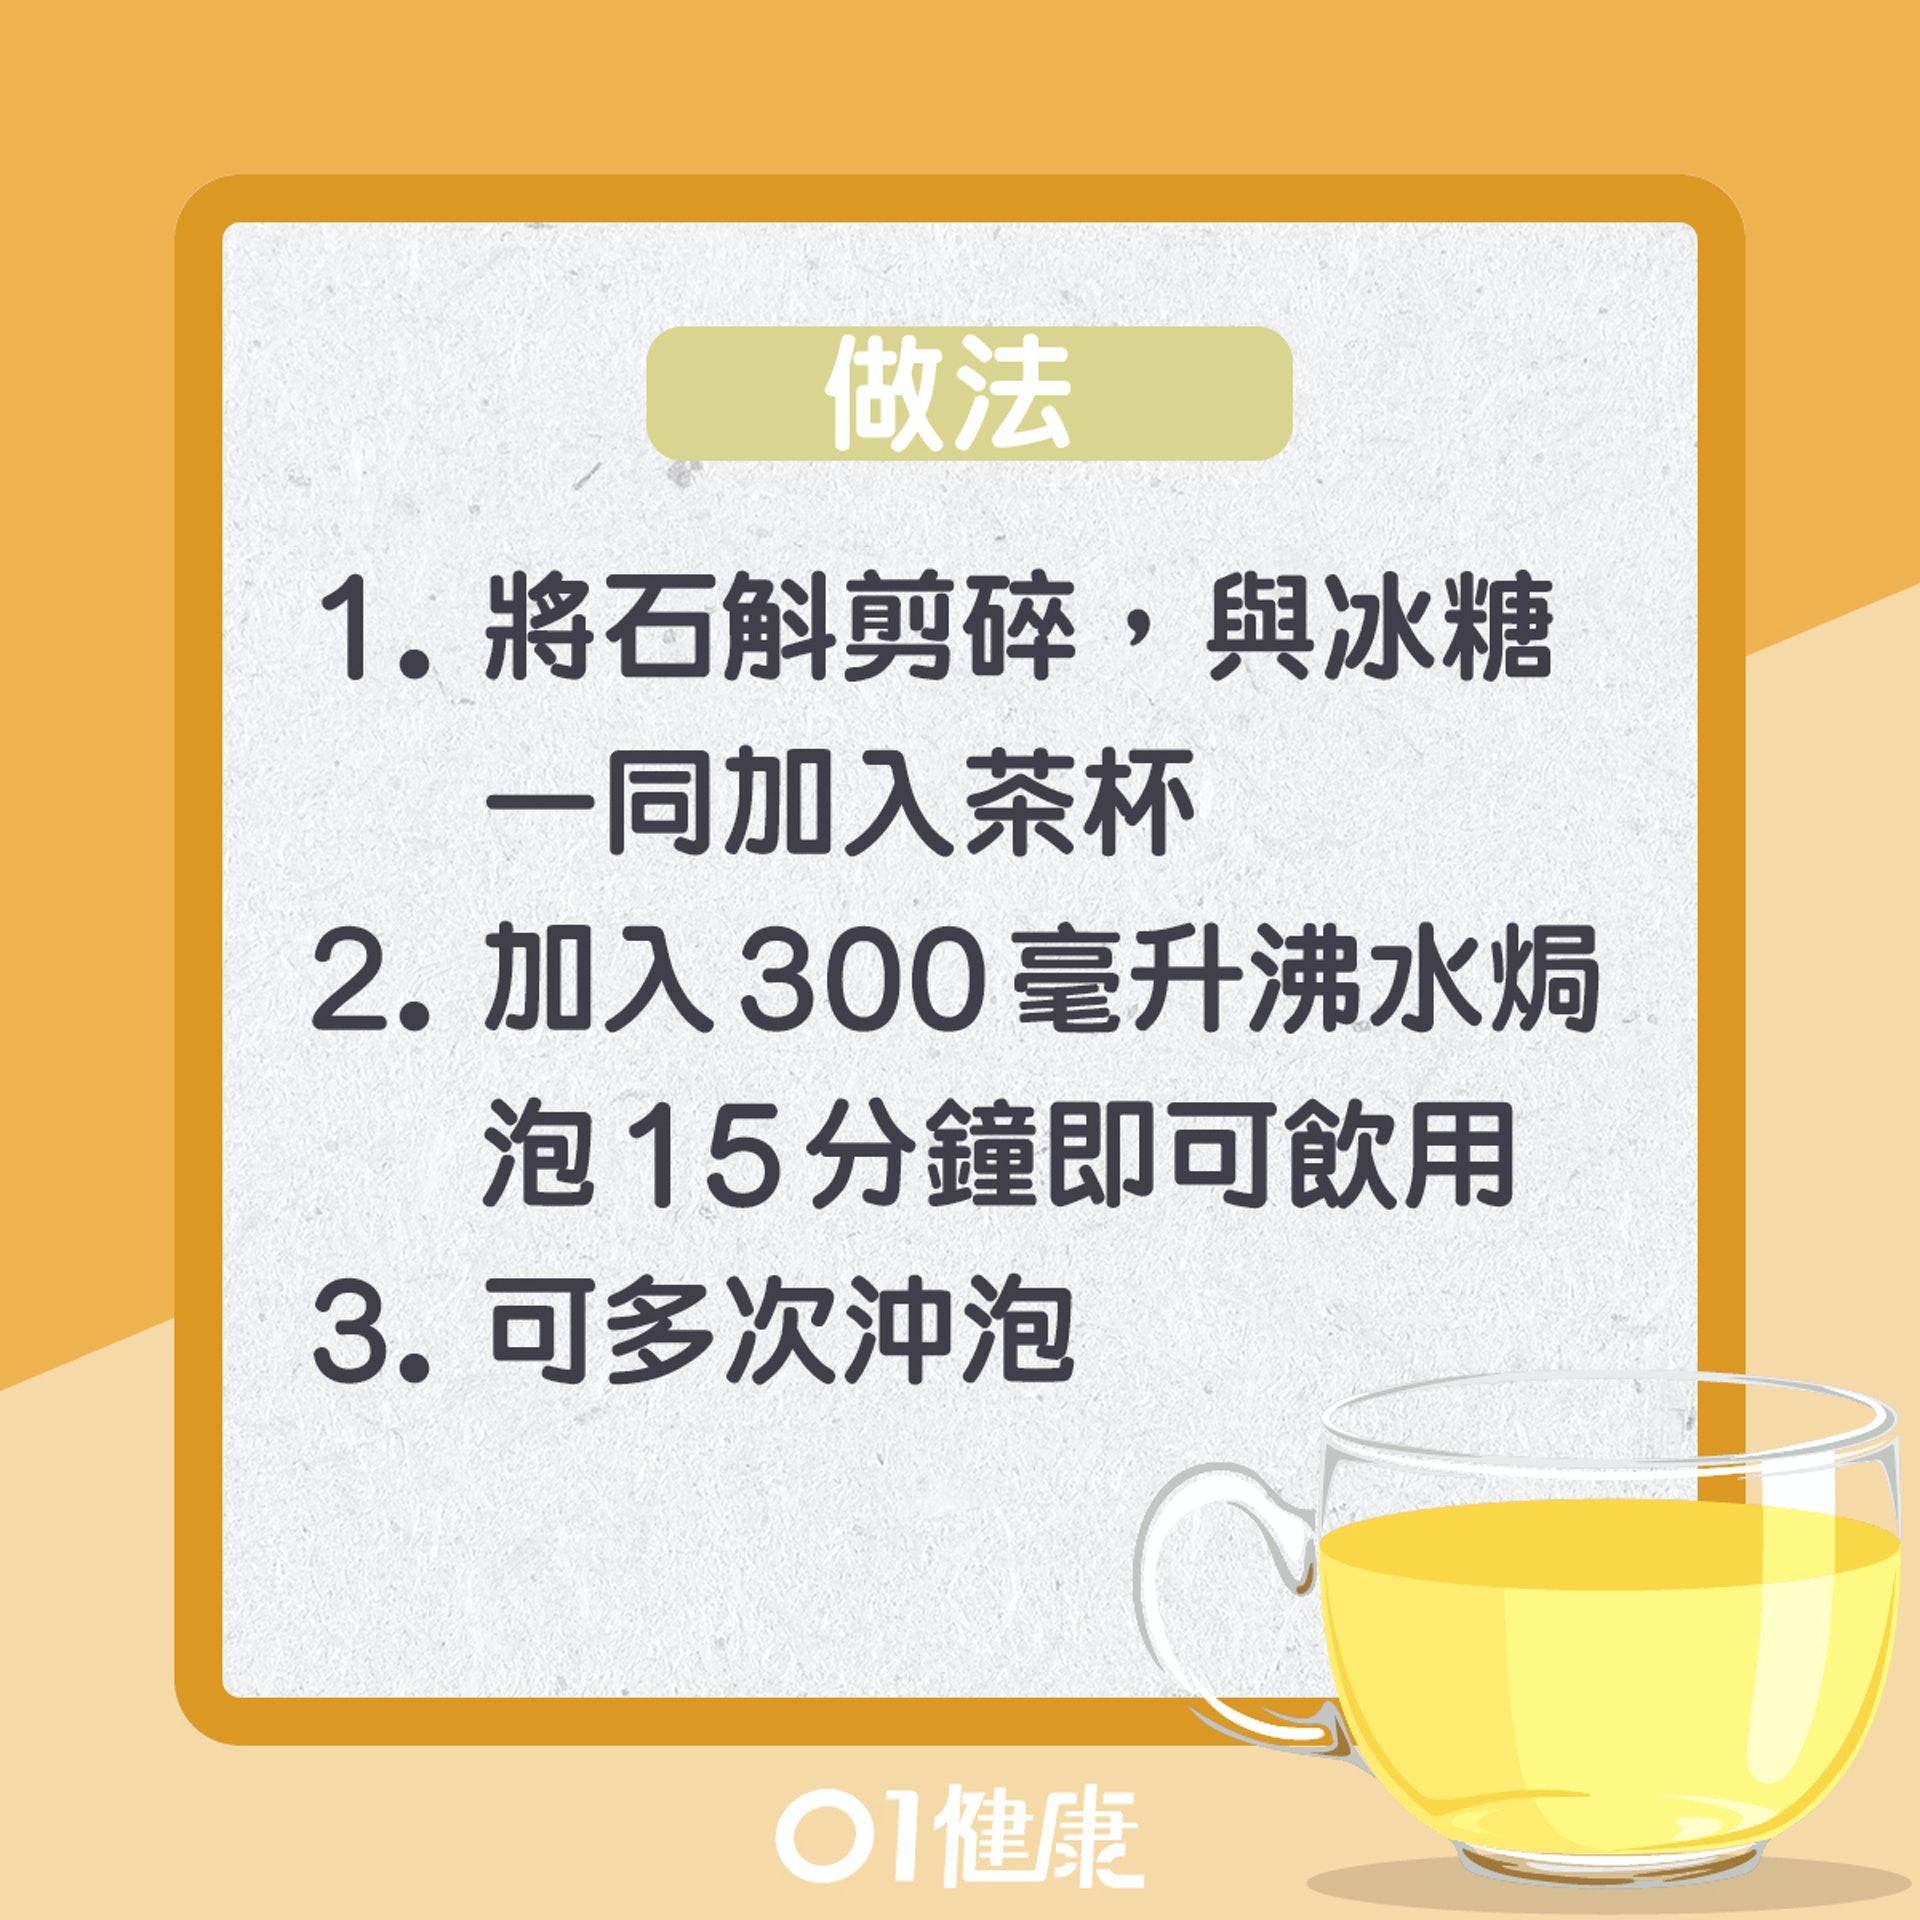 石斛冰糖茶(01製圖)